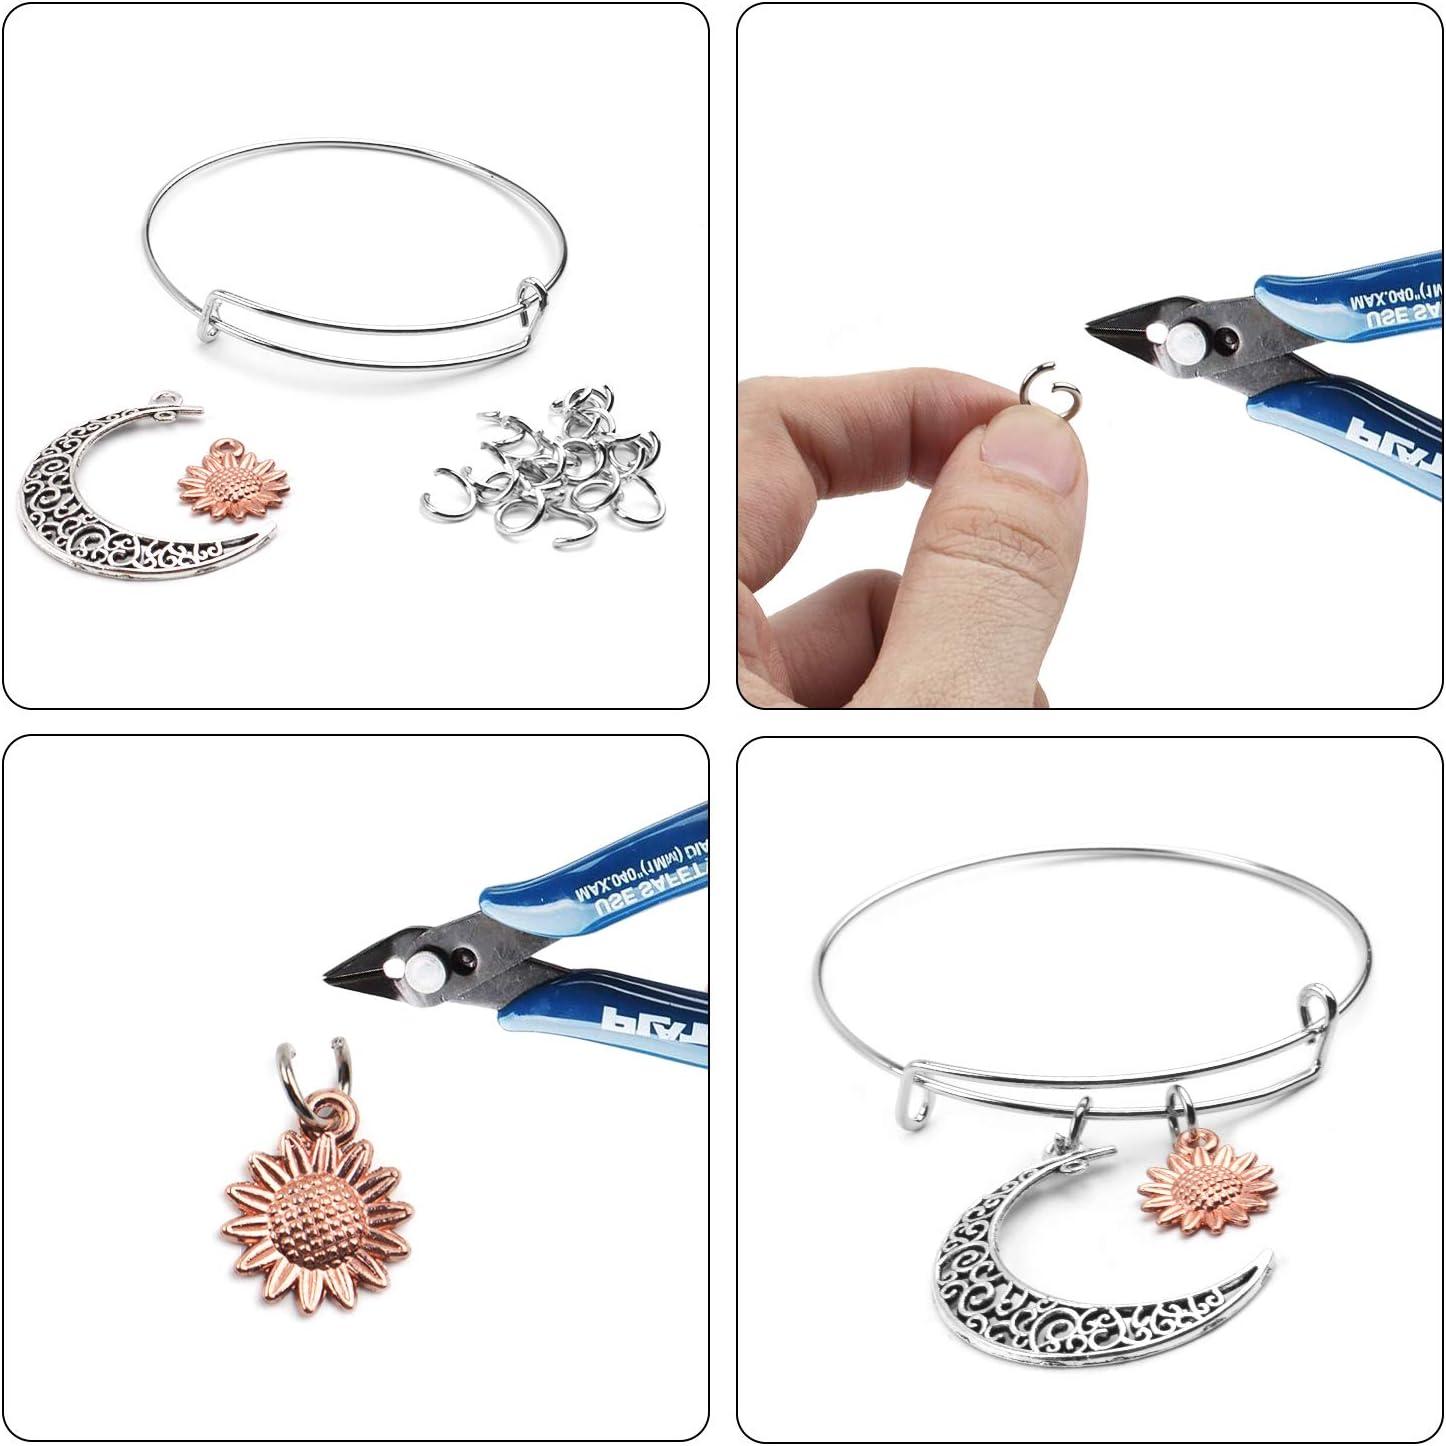 20pcs Bracelet Anneau Argent Filles Bracelet Cordon Argent Bracelet R/églable Files Et 100pcs Anneau de Jonction Bijoux pour Fabrication De Bijoux Femmes Bracelet R/églable Femme